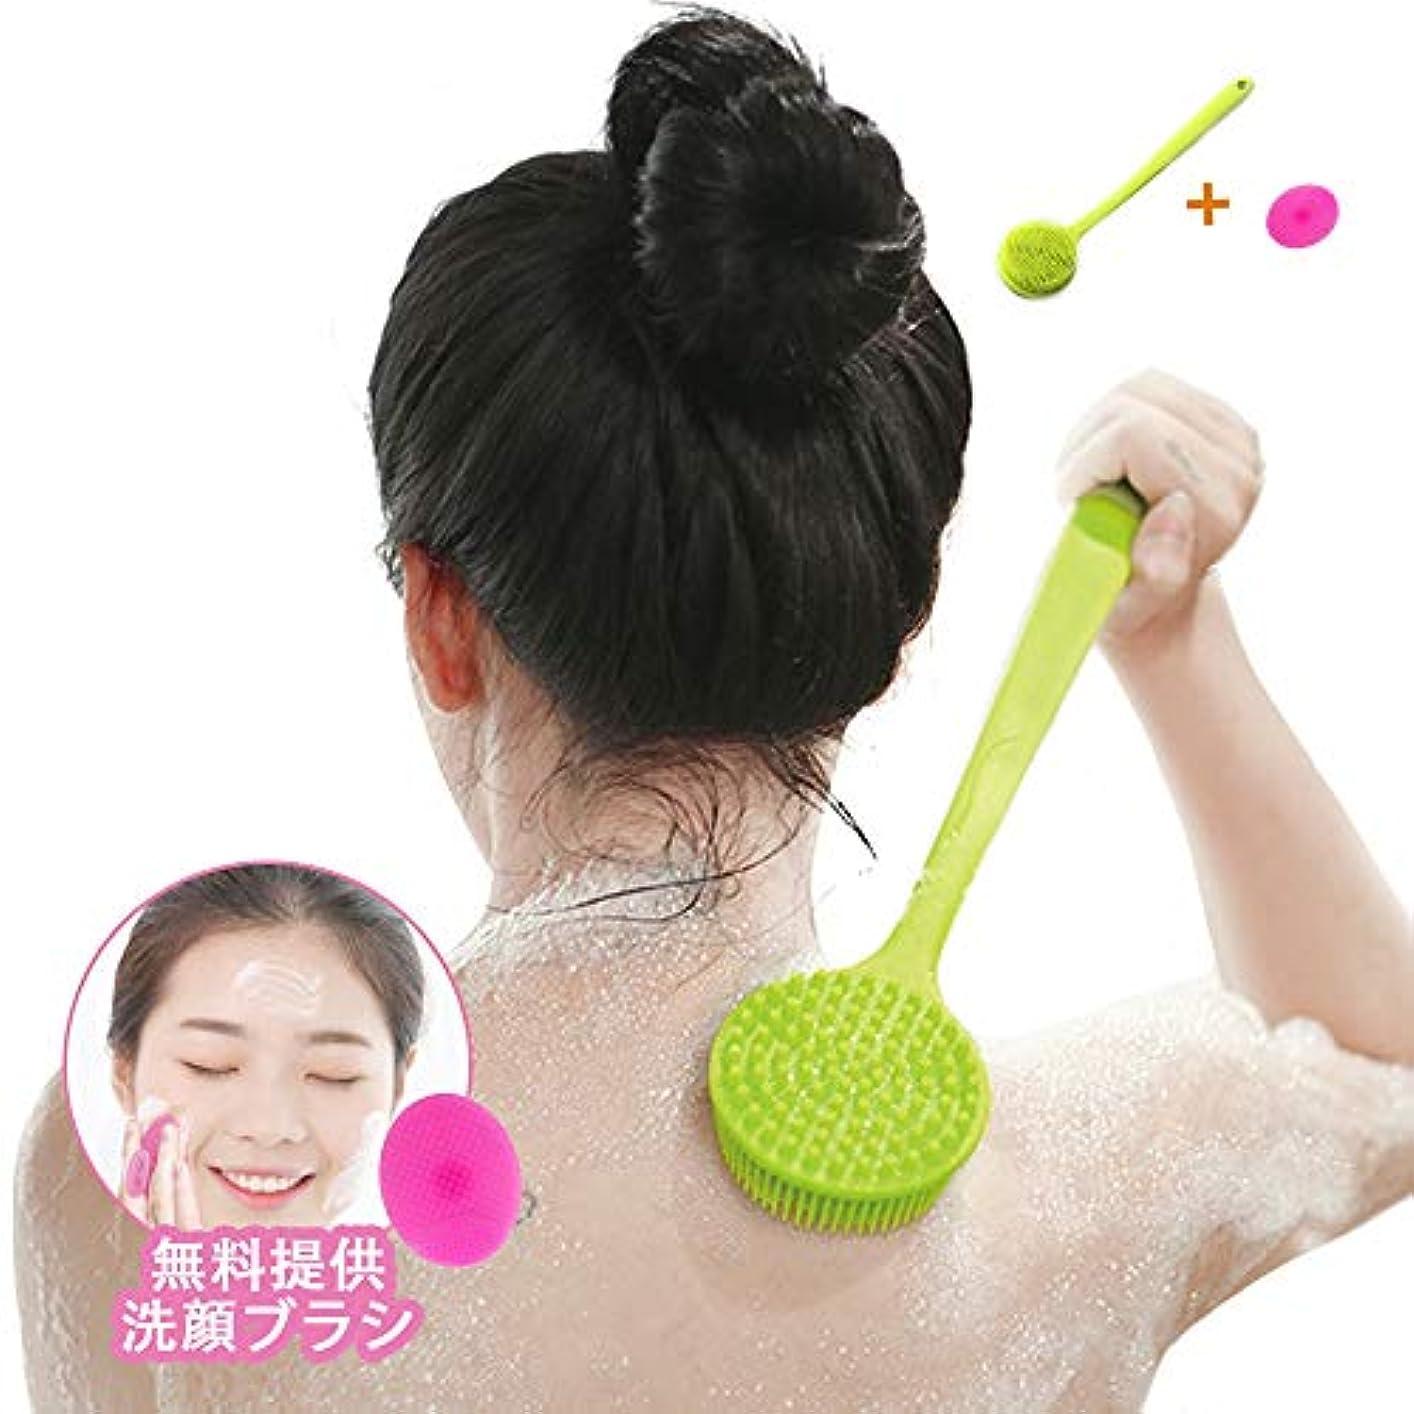 戦略尋ねる勇敢なNewsmy ボディブラシ シャワー お風呂 体洗いブラシ バスブラシ シリコーン 多機能 超柔らかい毛 血行促進 角質除去 洗顔ブラシ